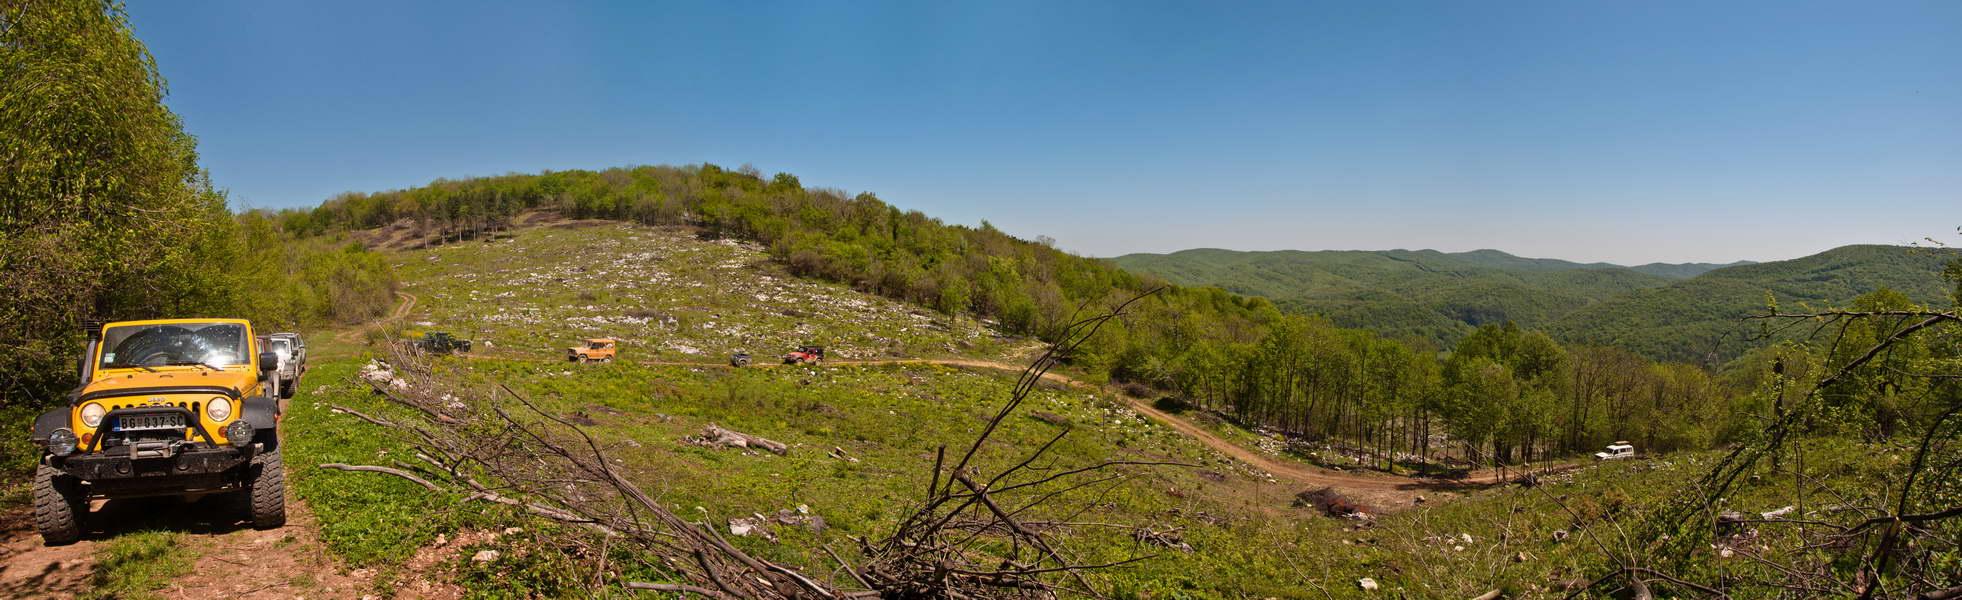 Raskrsnica na kojoj se račva put ka vrhu Starice